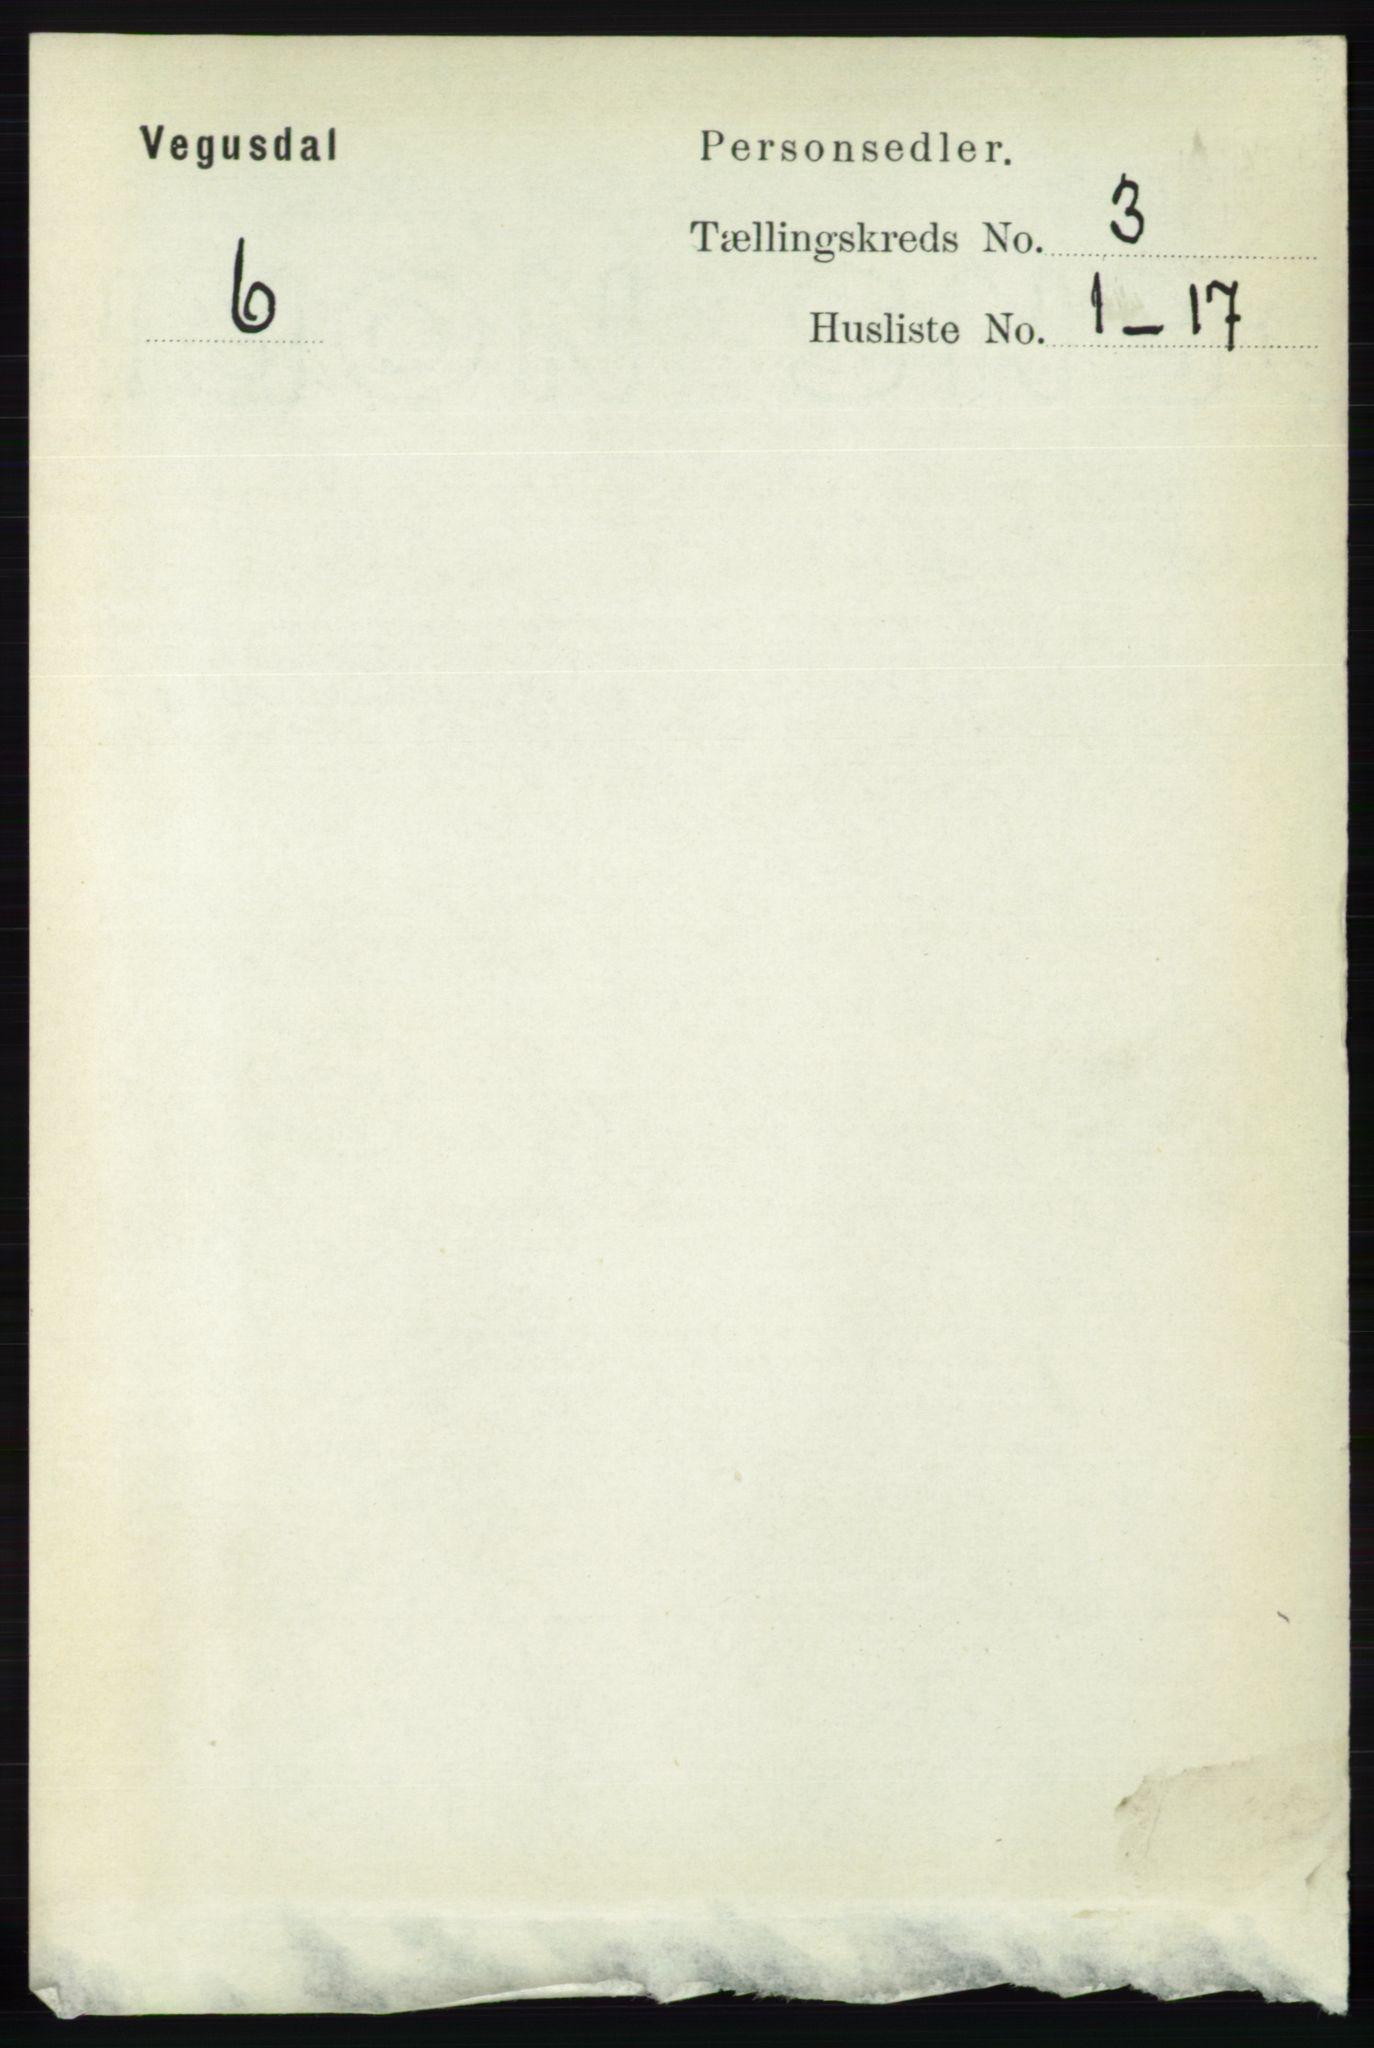 RA, Folketelling 1891 for 0934 Vegusdal herred, 1891, s. 552